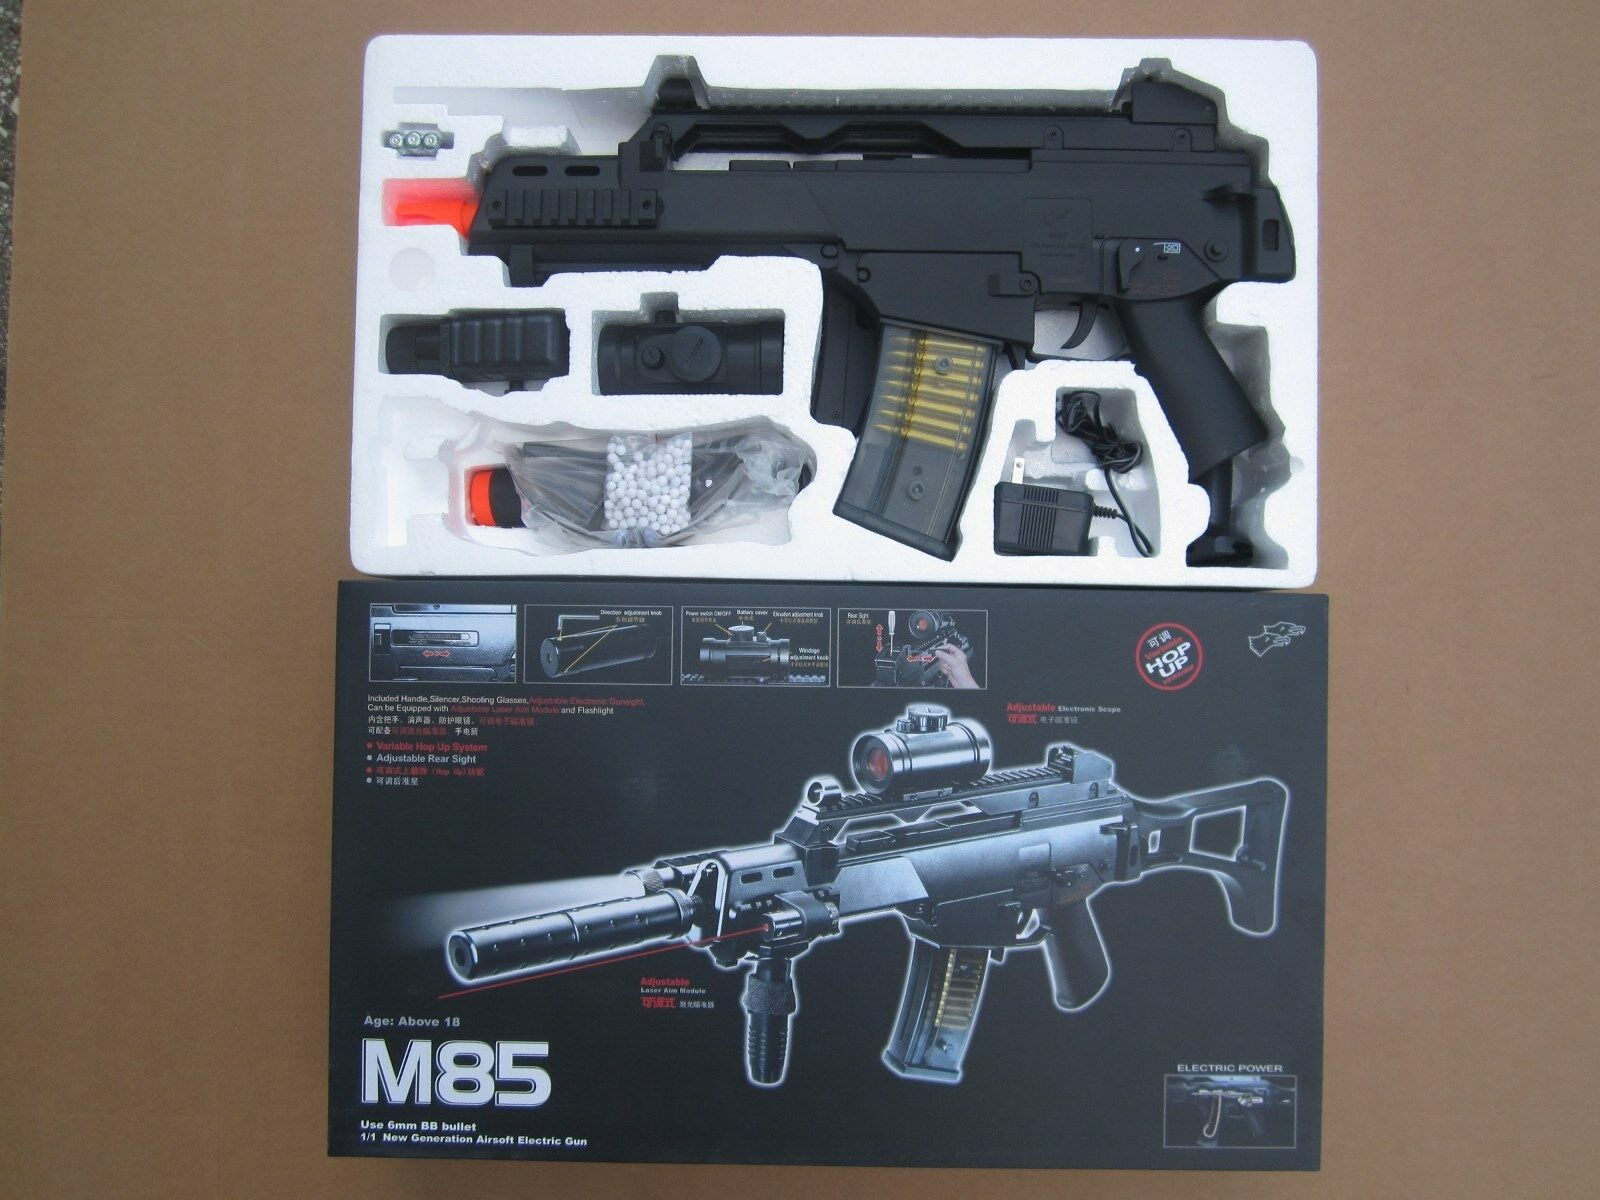 persuaive essay airsoft gun Gun Control Persuasive